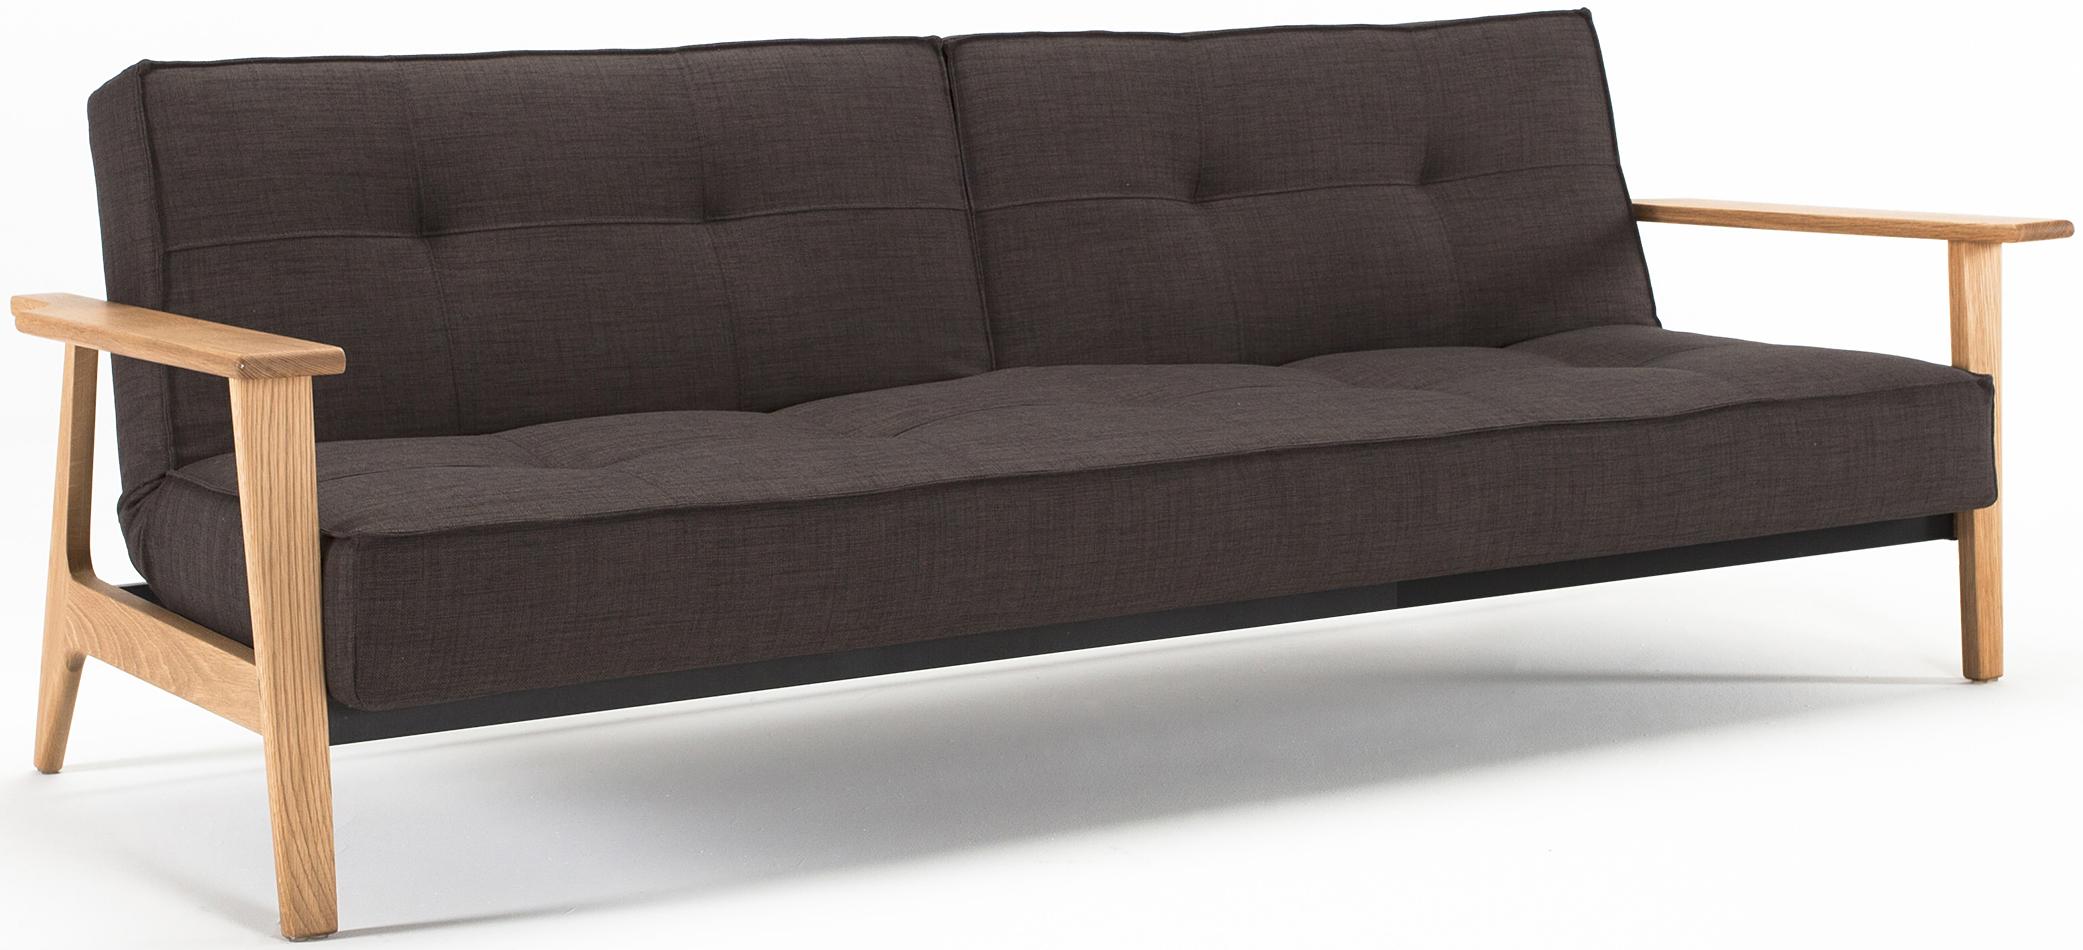 innovation living sofa splitback frej